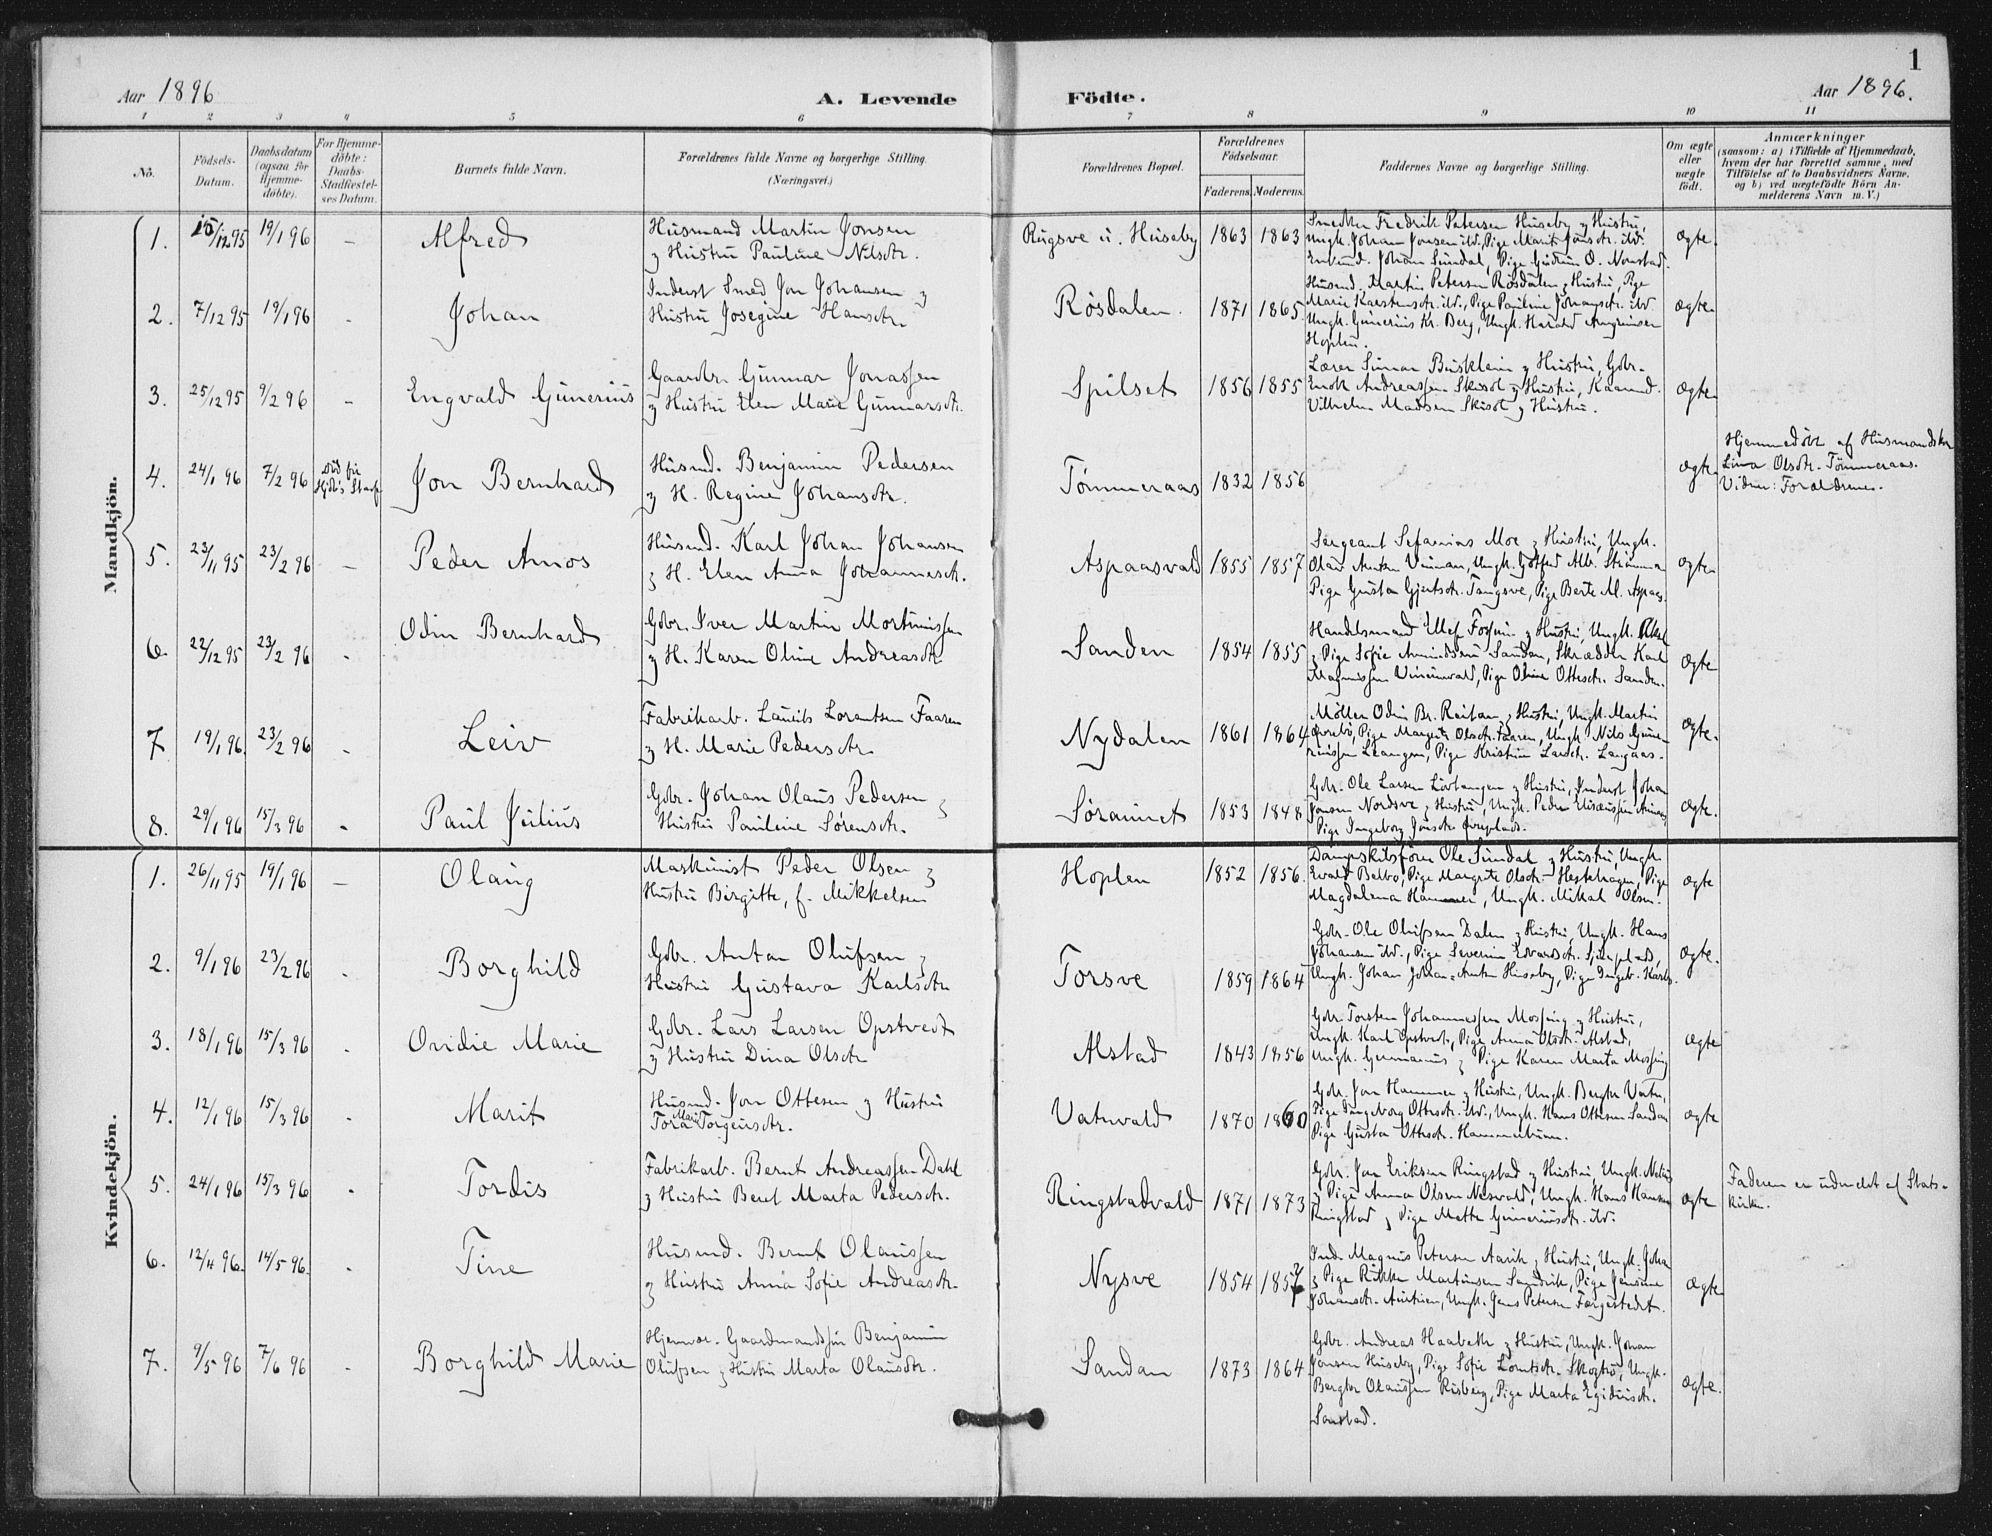 SAT, Ministerialprotokoller, klokkerbøker og fødselsregistre - Nord-Trøndelag, 714/L0131: Ministerialbok nr. 714A02, 1896-1918, s. 1